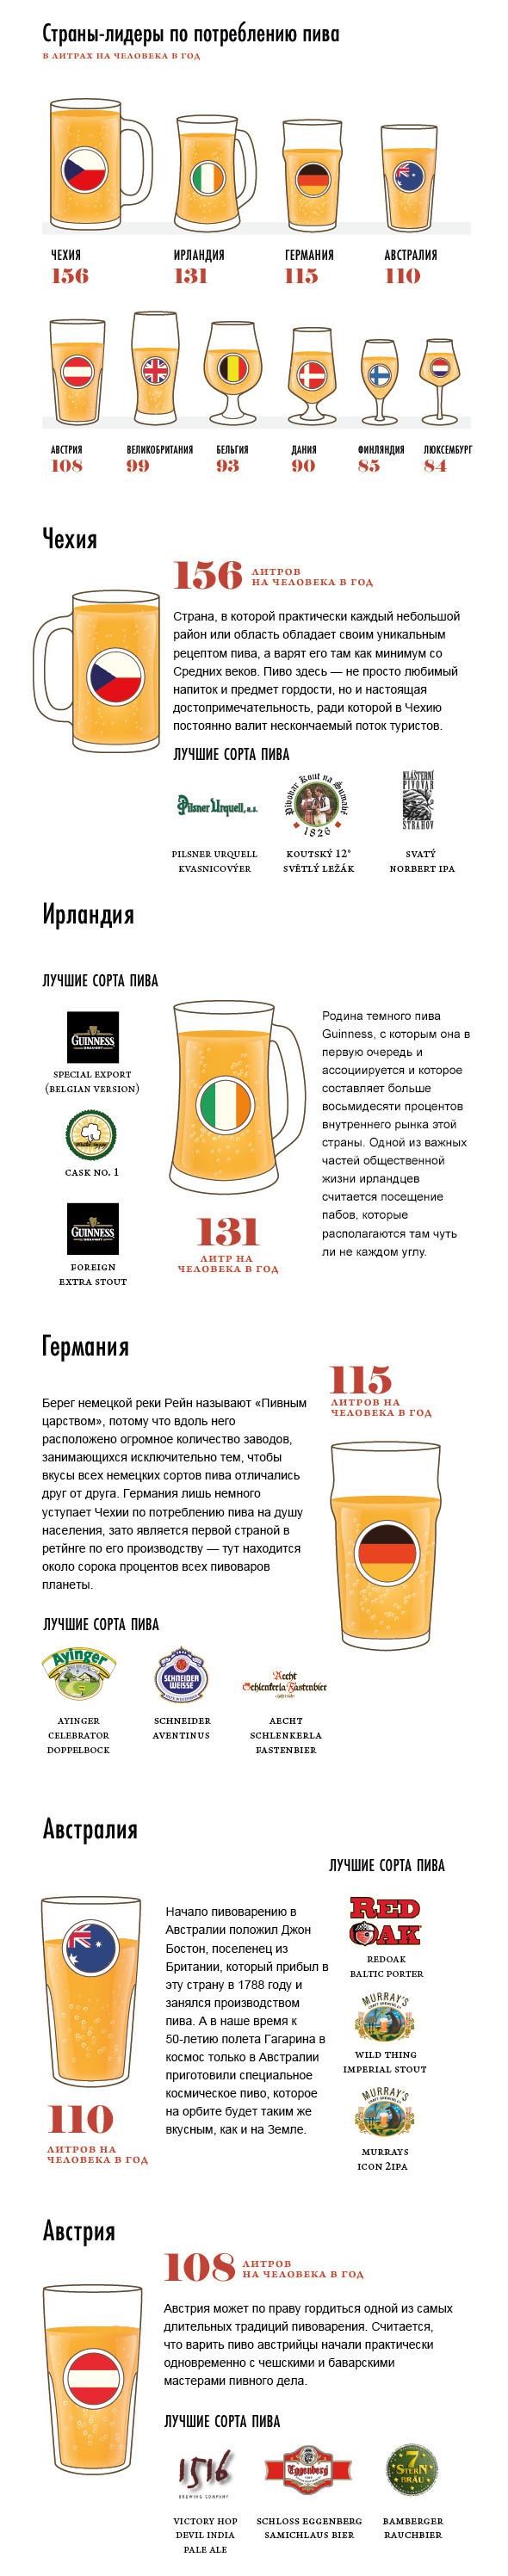 Пена дней: Сколько пива выпивают в разных странах. Изображение № 1.